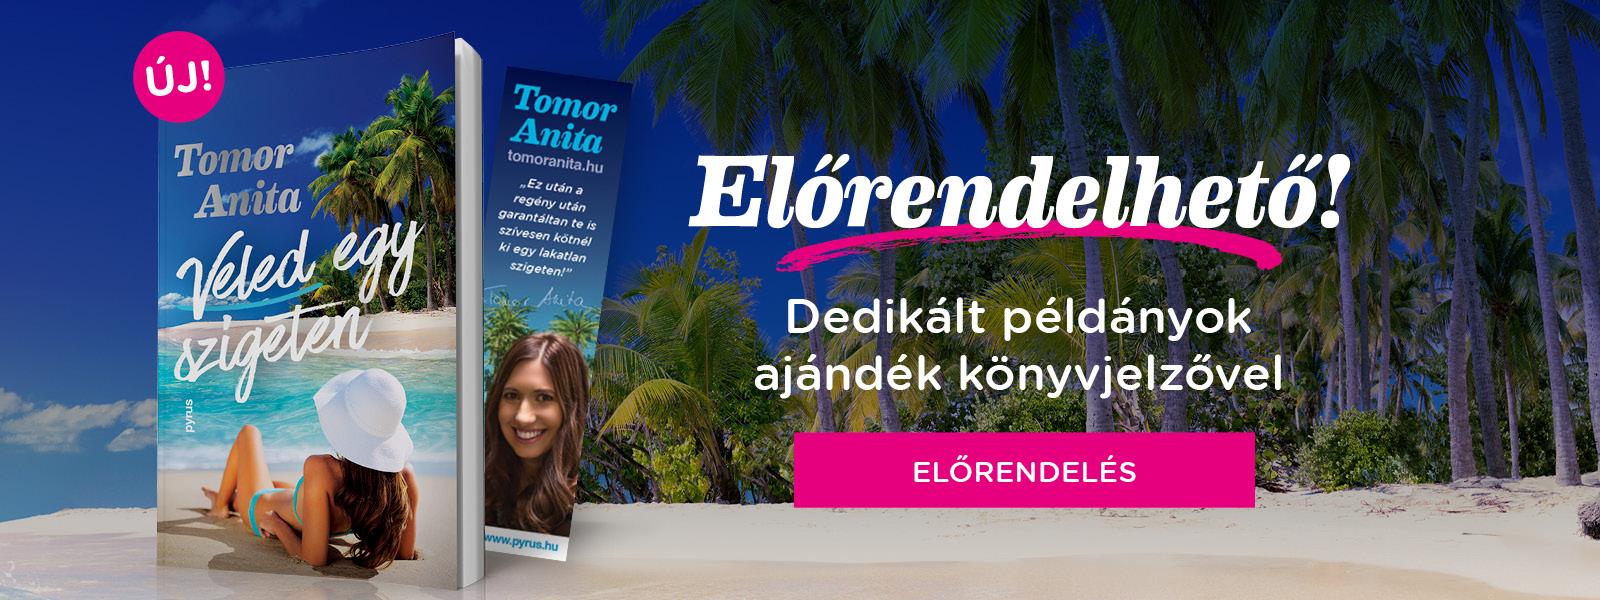 Veled egy szigeten előrendelés